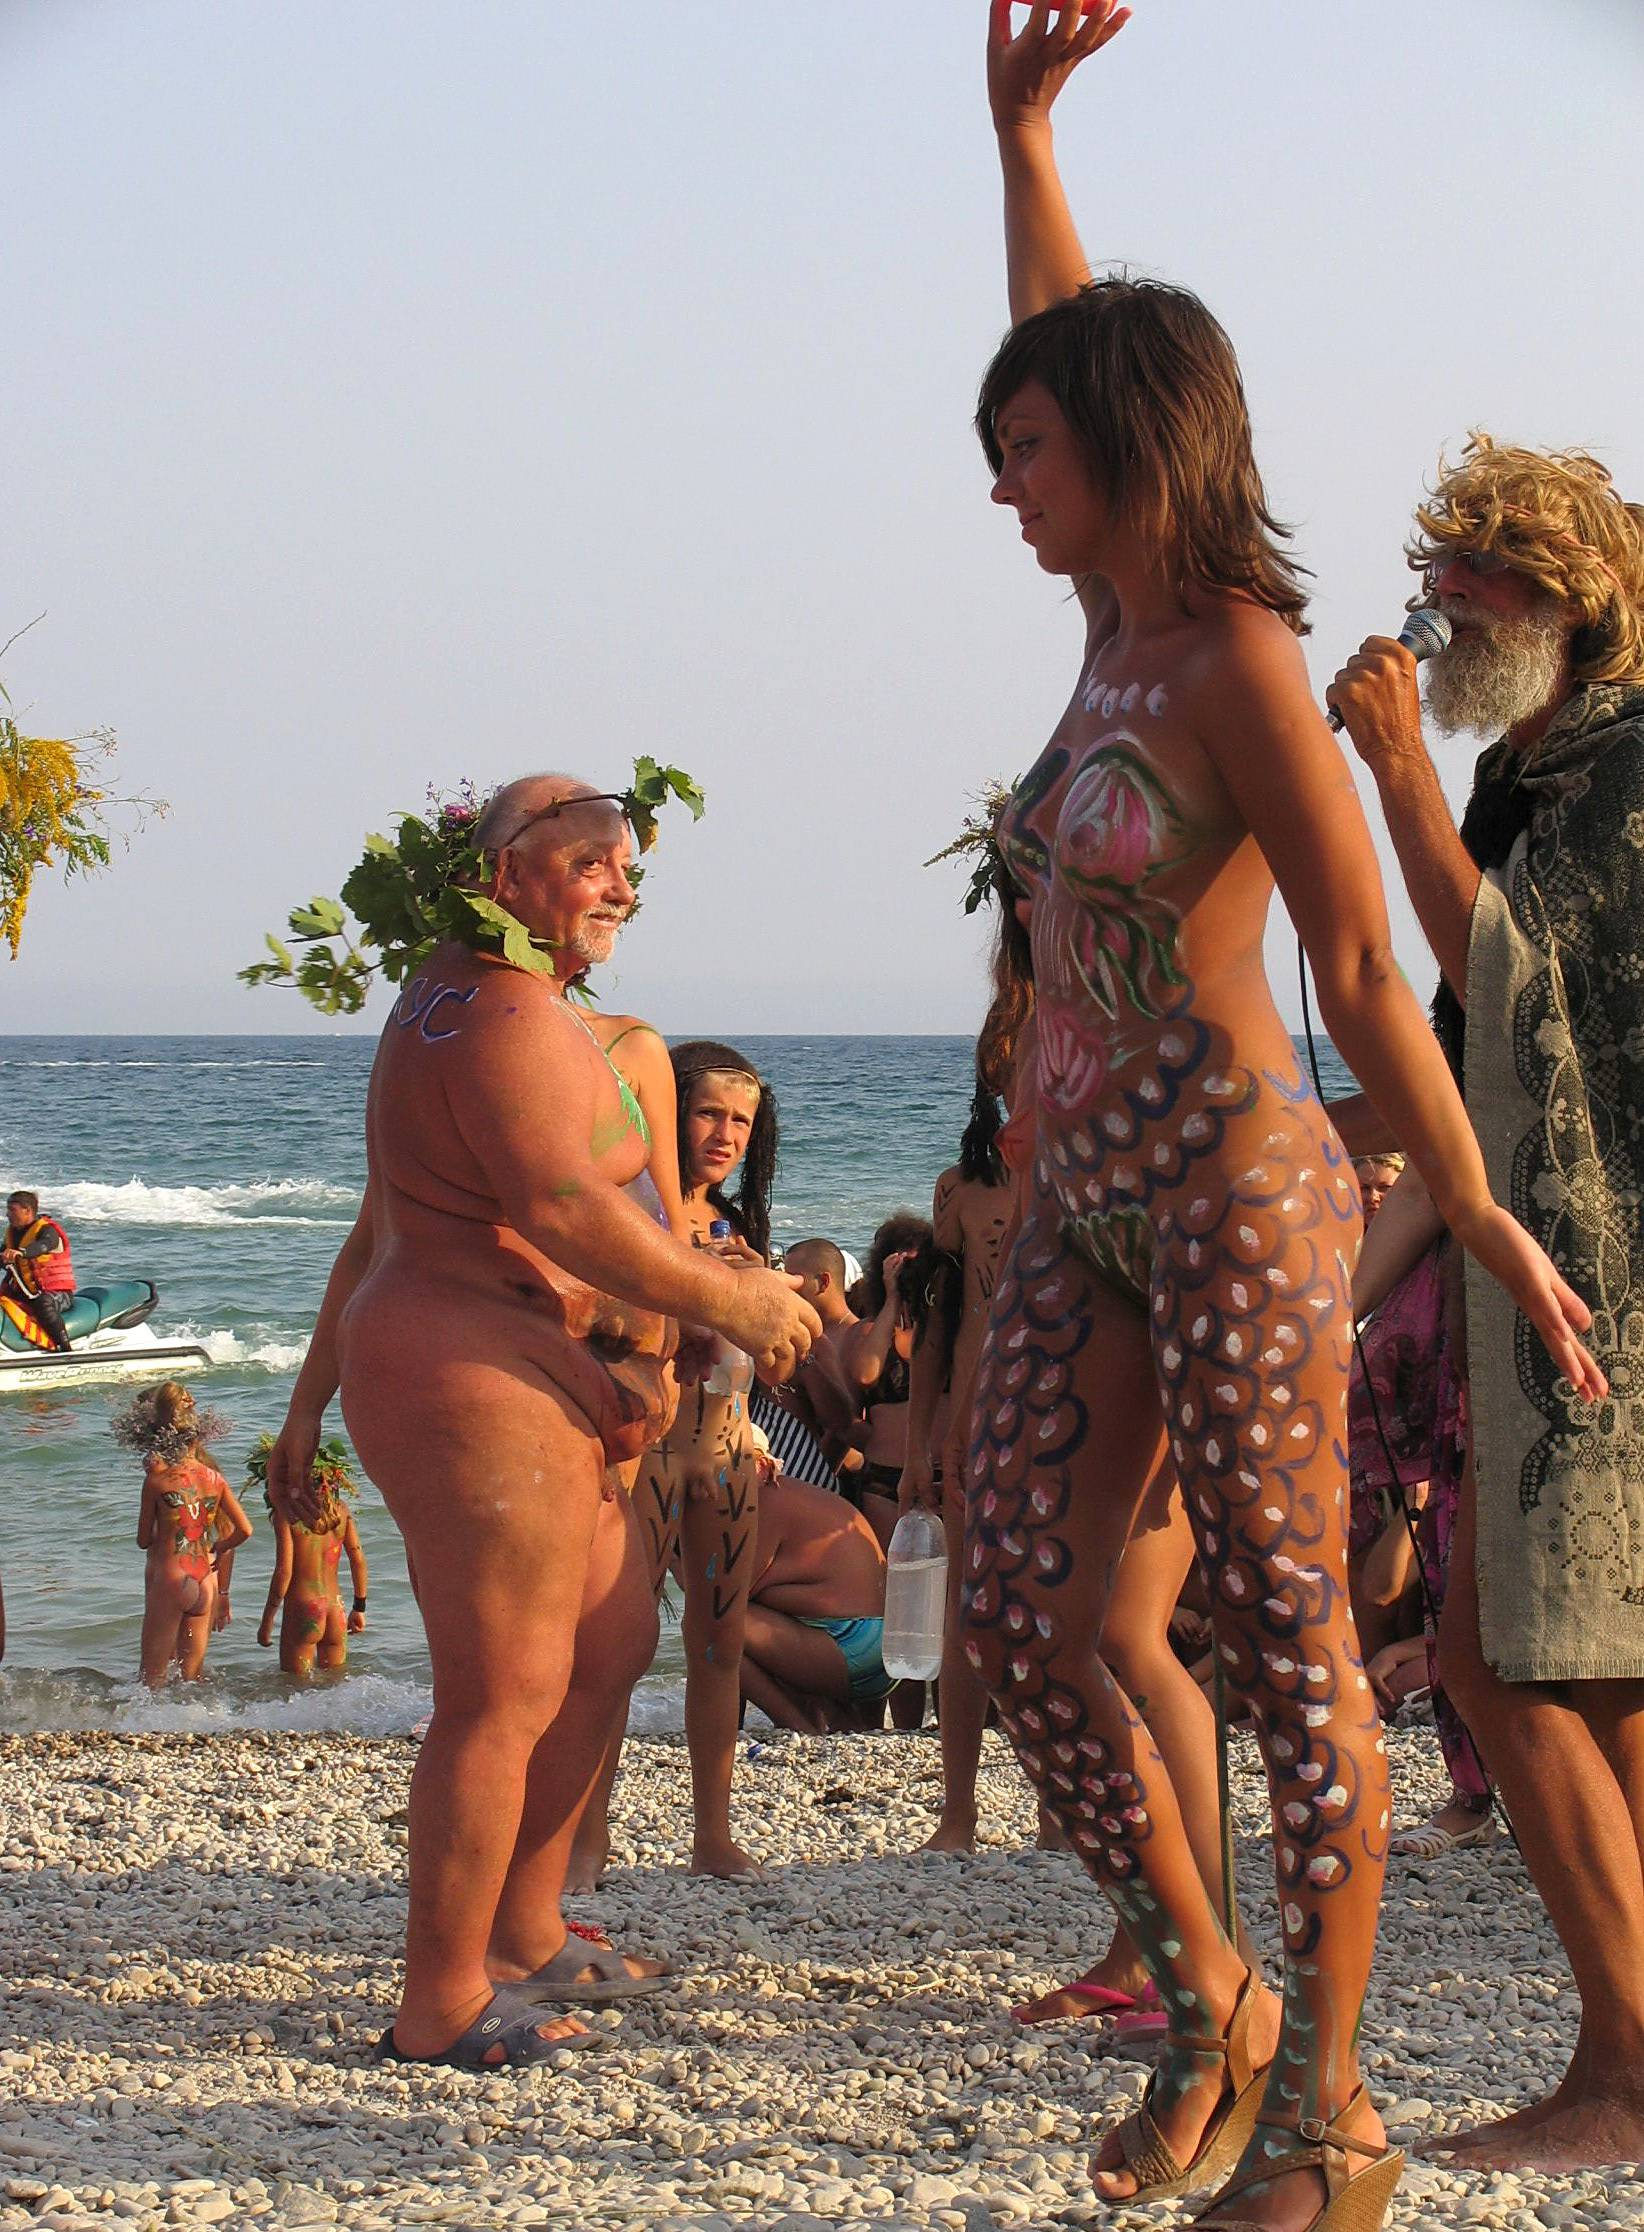 Nudist Photos Rocky Hill Luau Pow Wow - 1